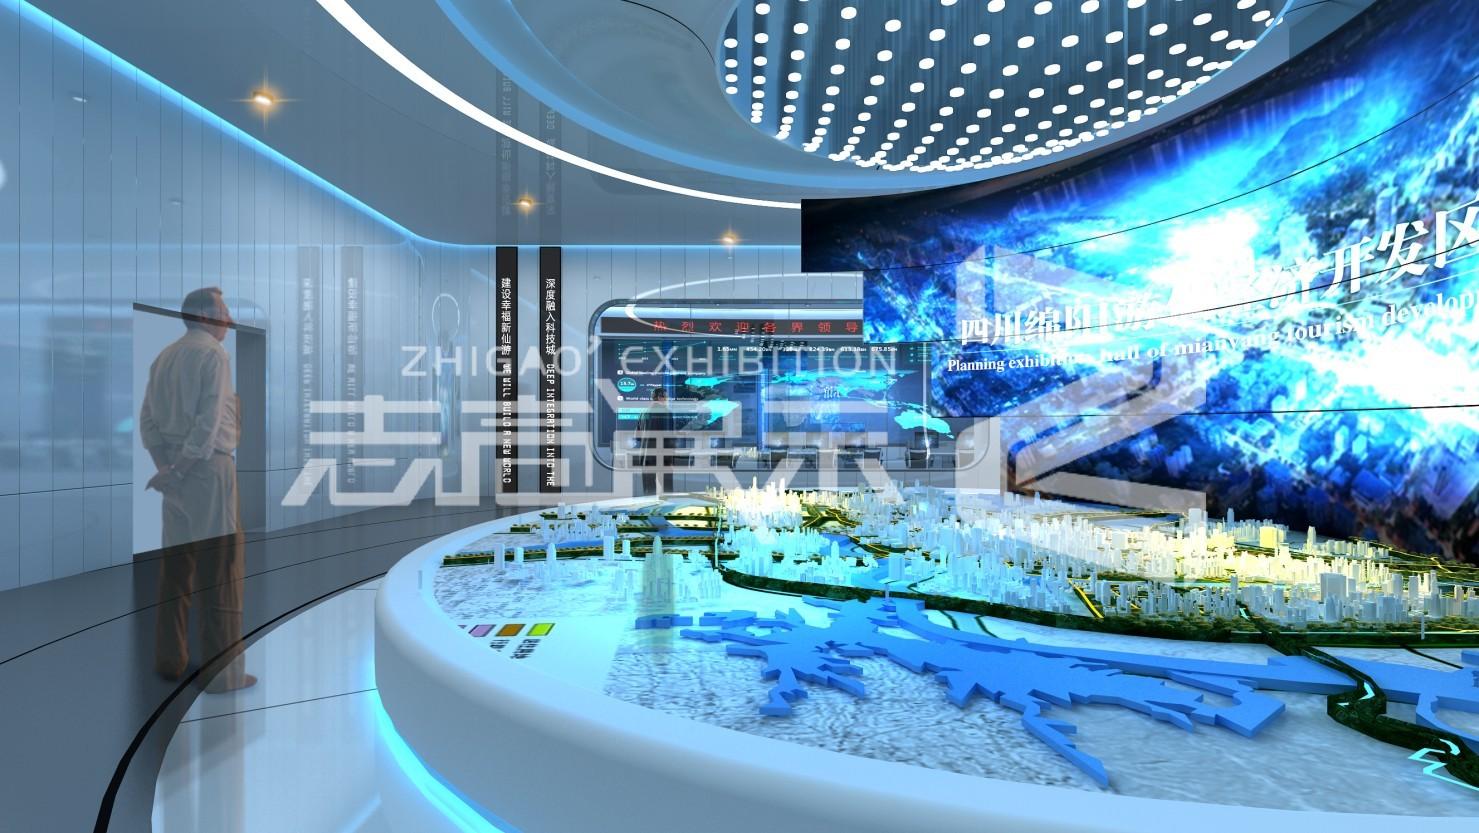 綿陽市游仙經濟開發區規劃館